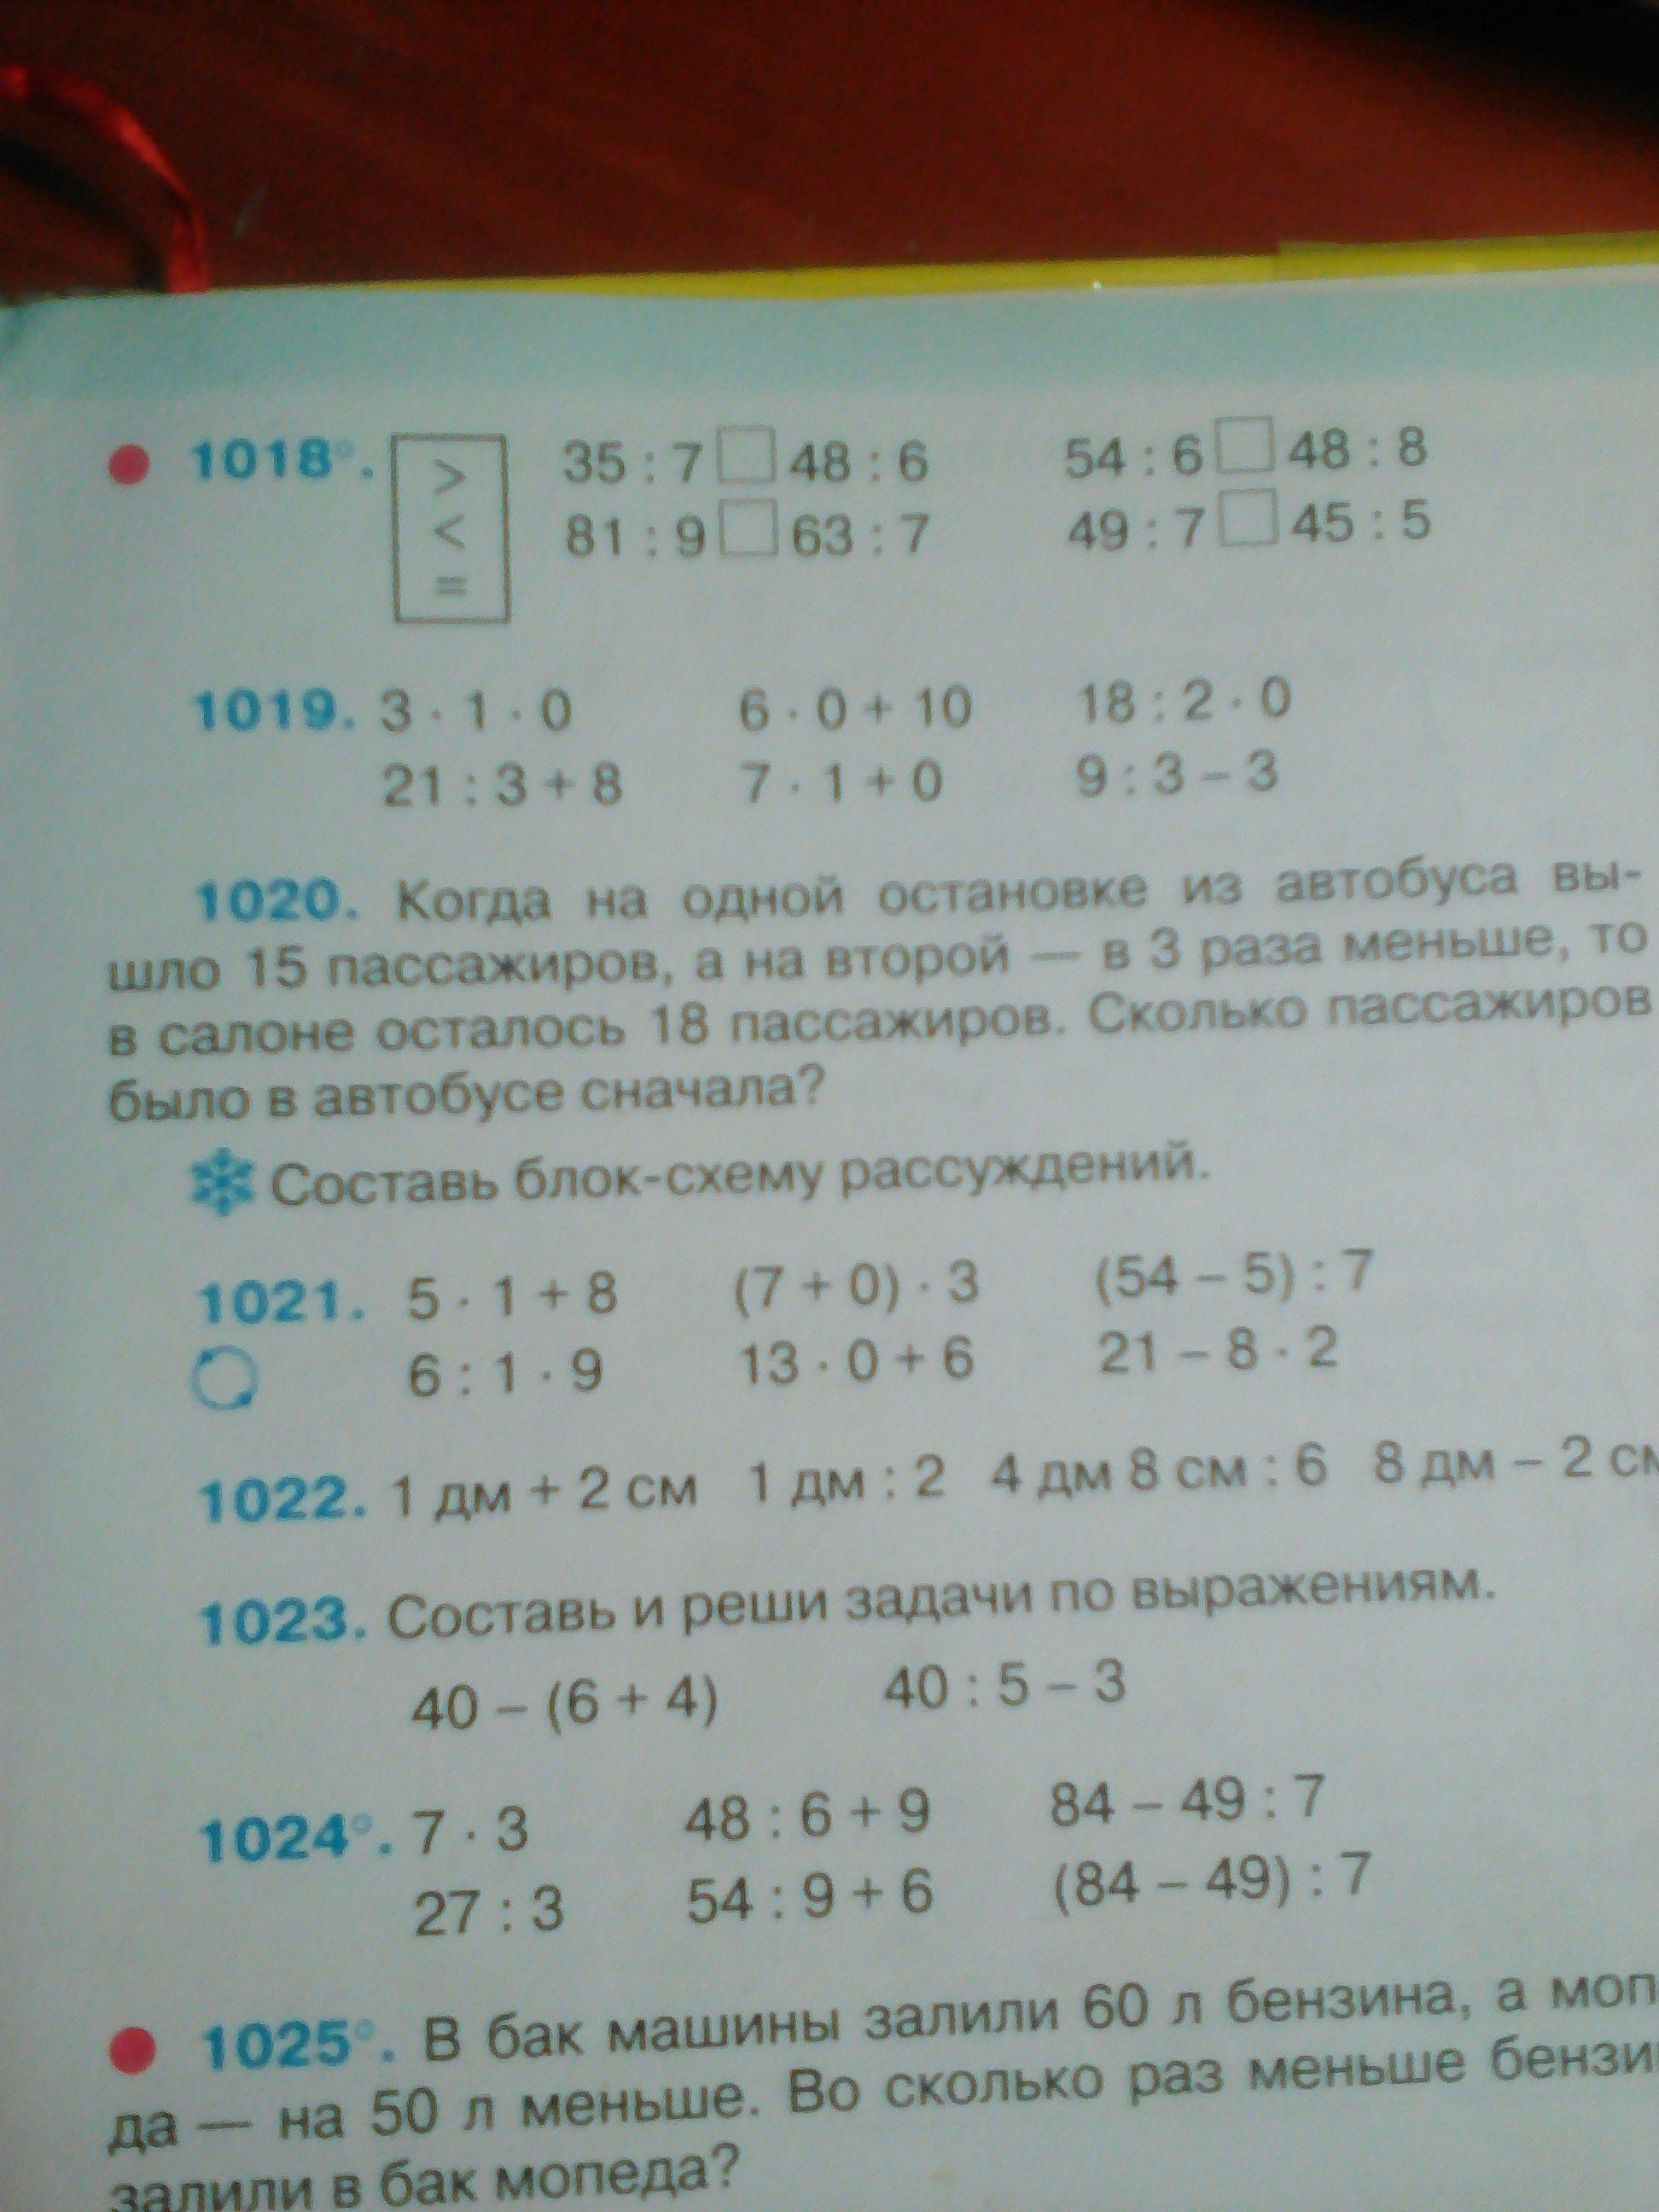 Задачи по математики 8 класс с решением гдз гиа 3000 задач решения